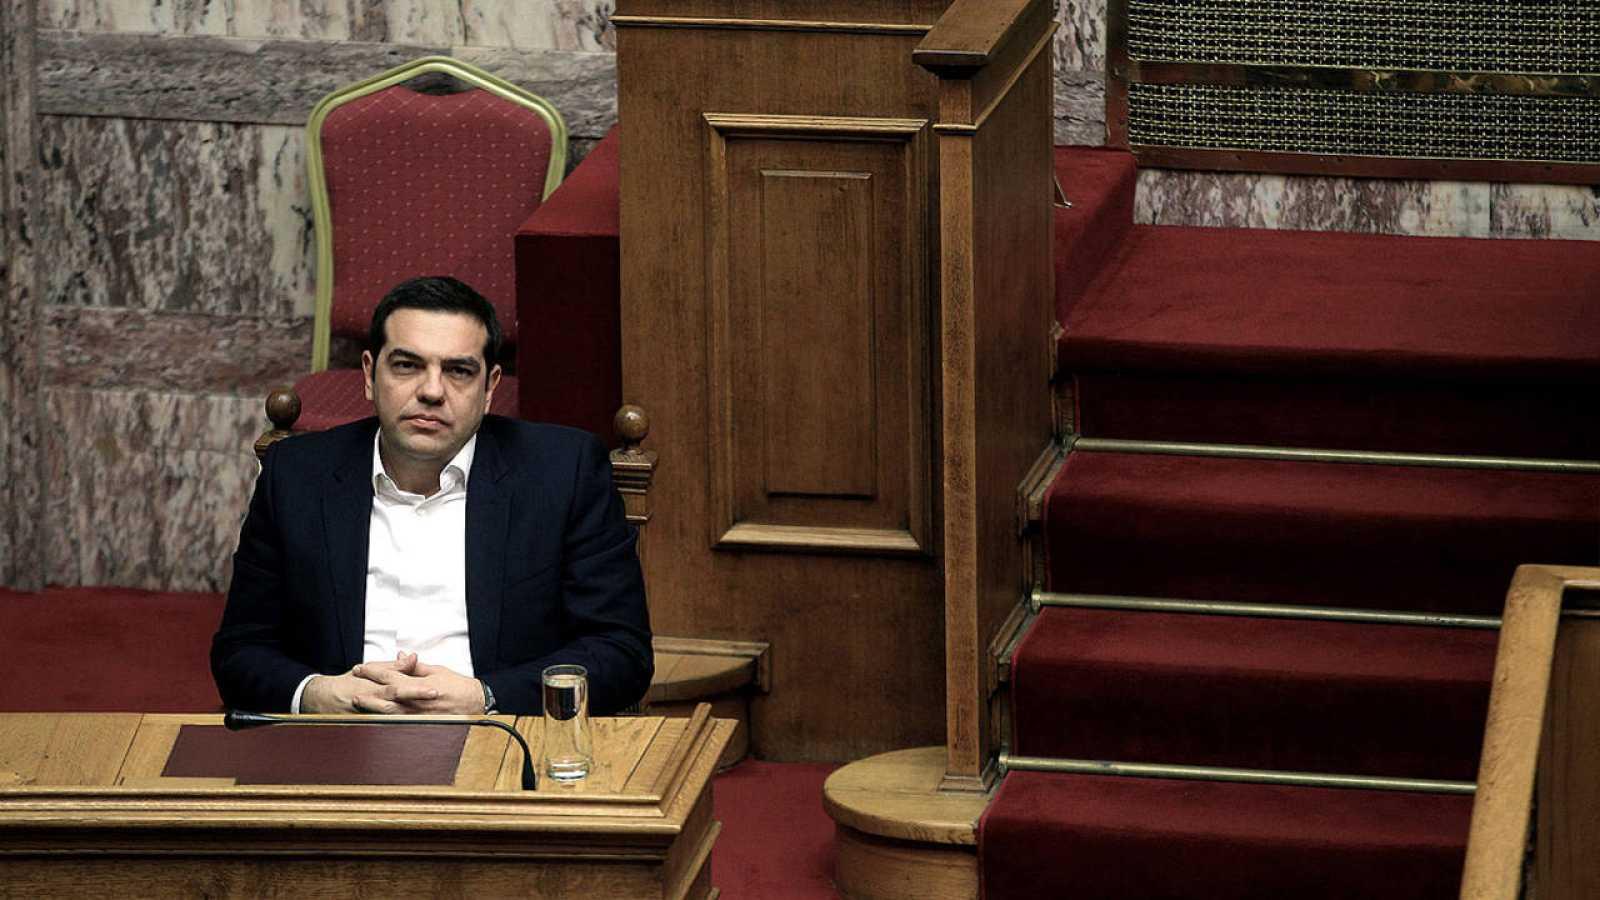 El presidente Alexis Tsipras en el Parlamento heleno